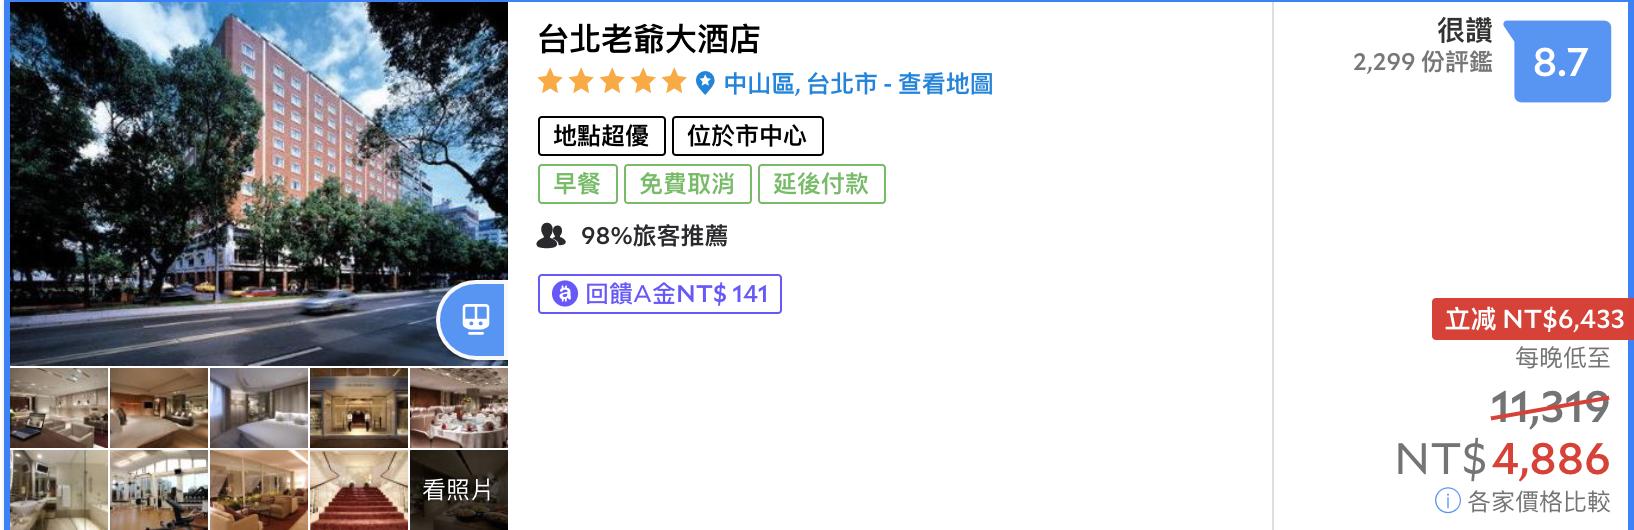 台北老爺好住所,每晚2300,米推飯店、專案餐飲加購優惠~